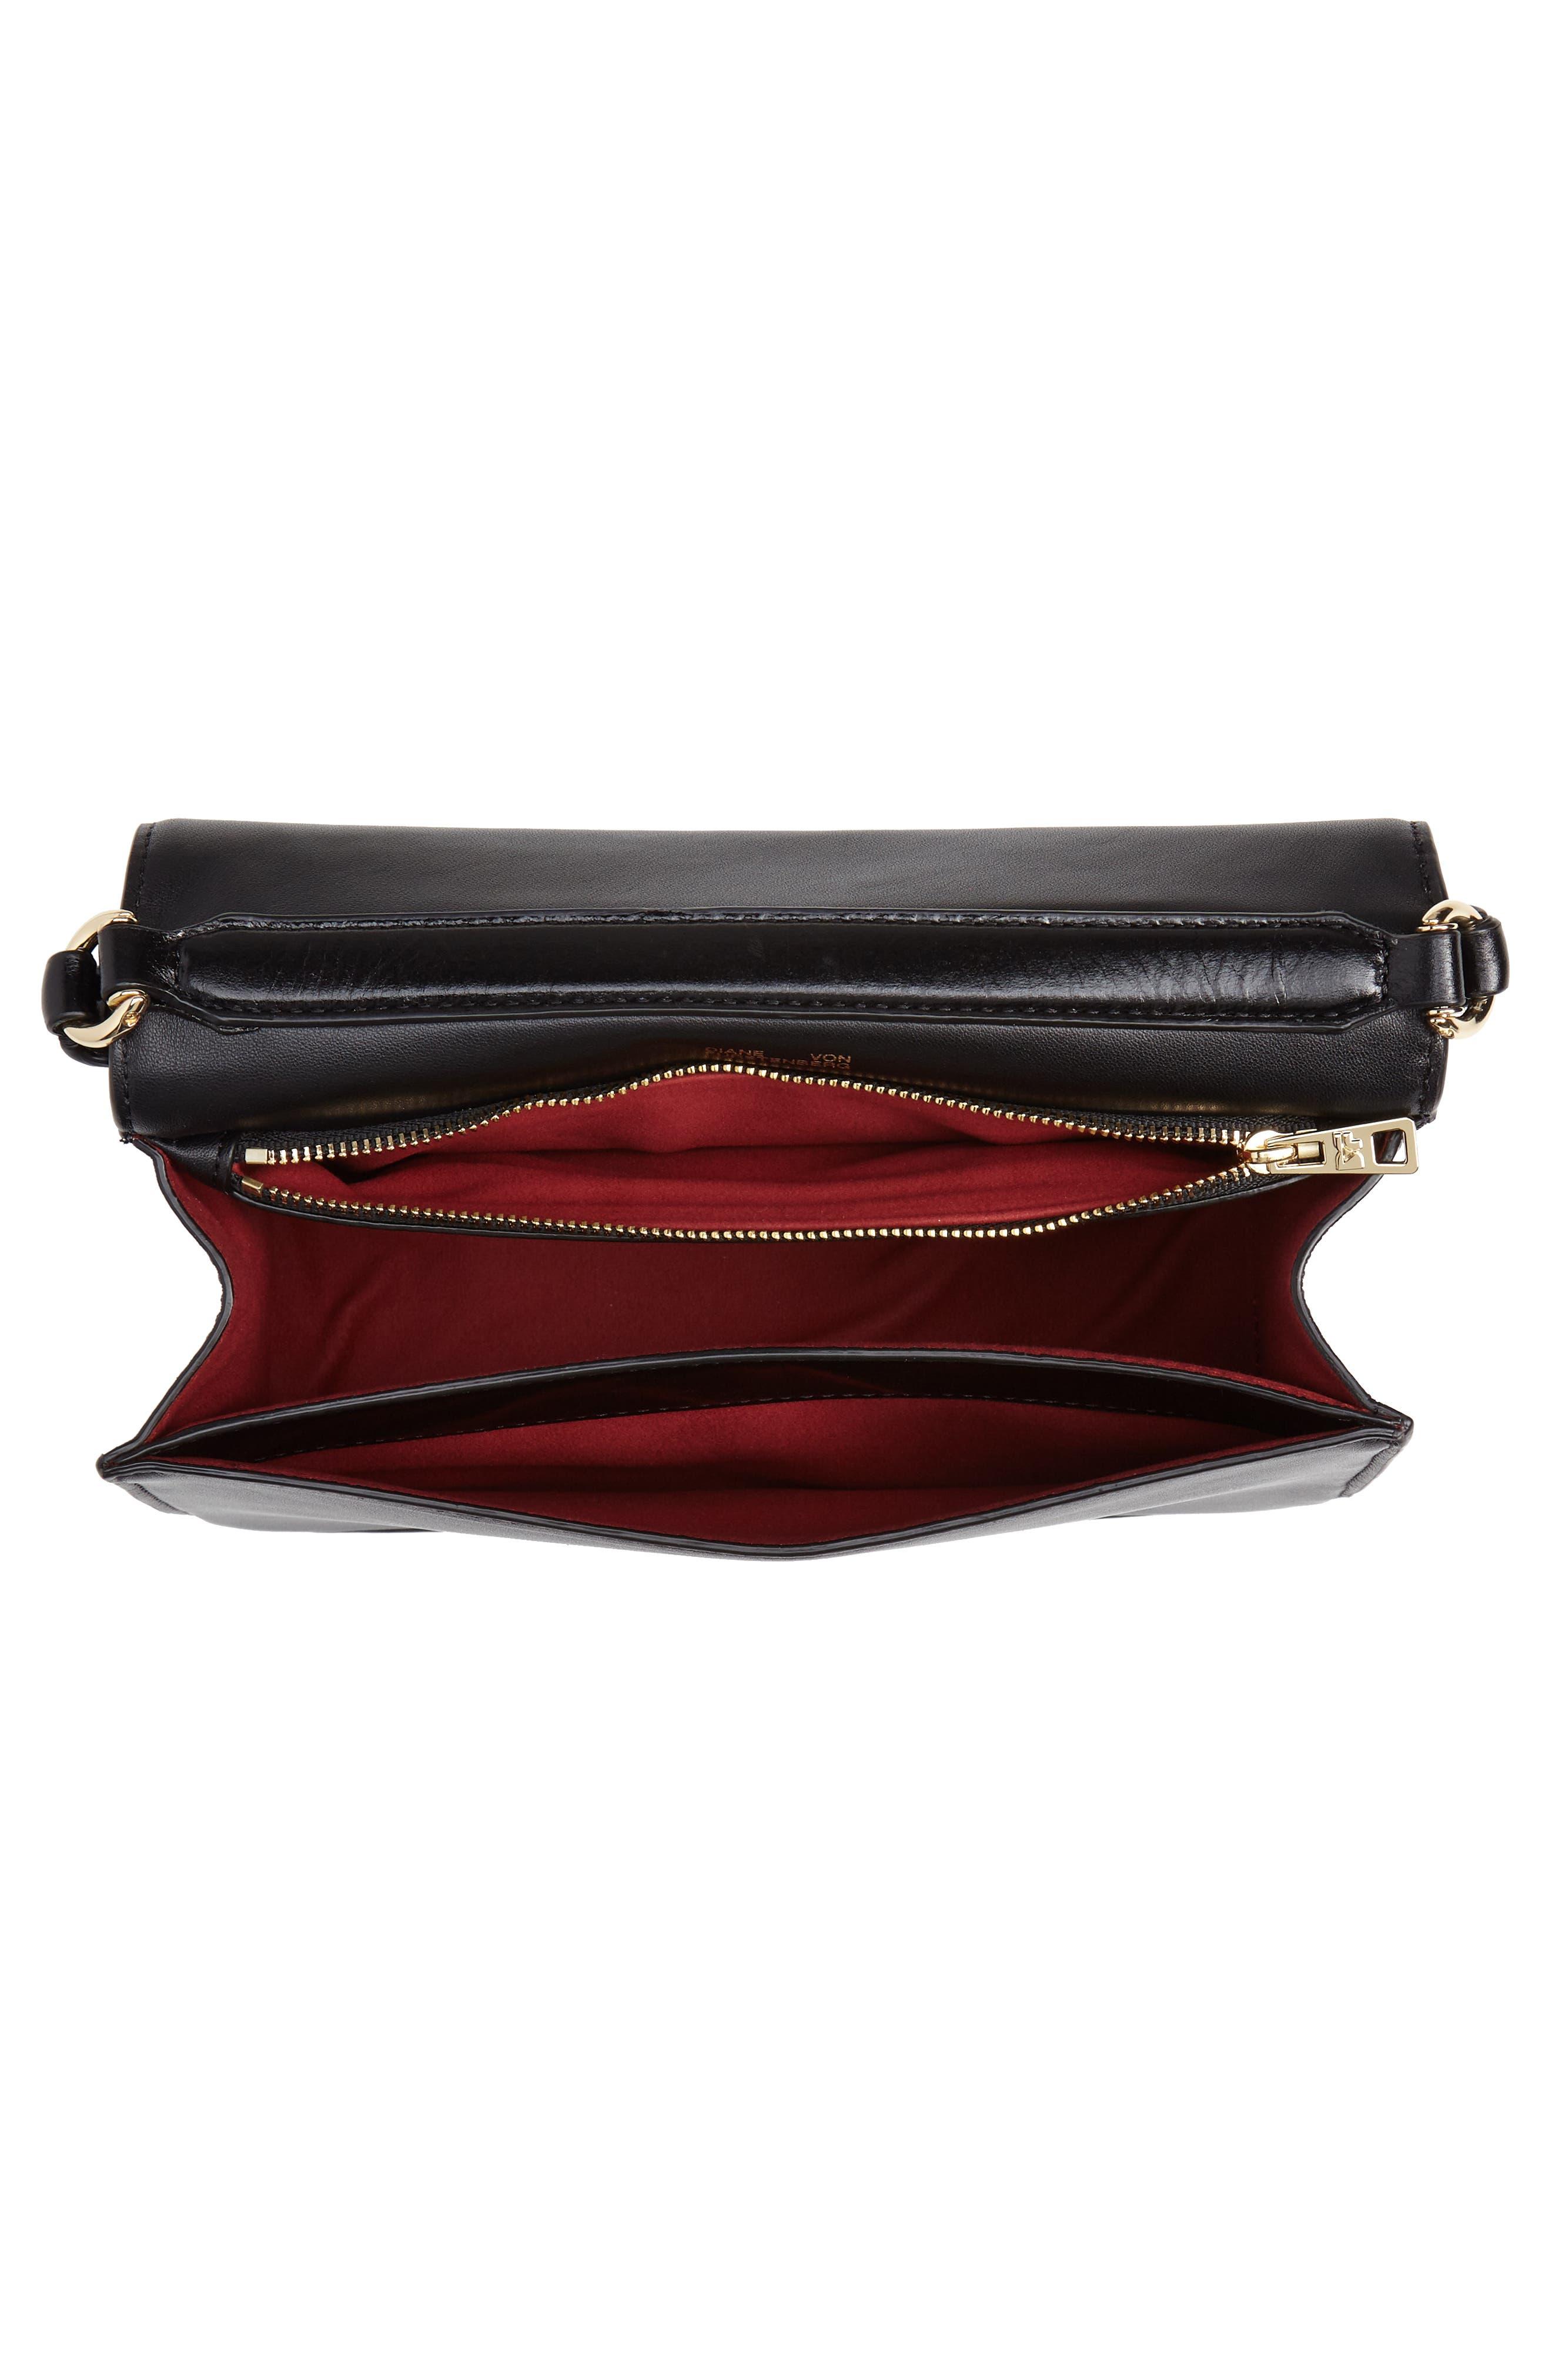 DVF Bonne Soirée Leather Top Handle Bag,                             Alternate thumbnail 4, color,                             001